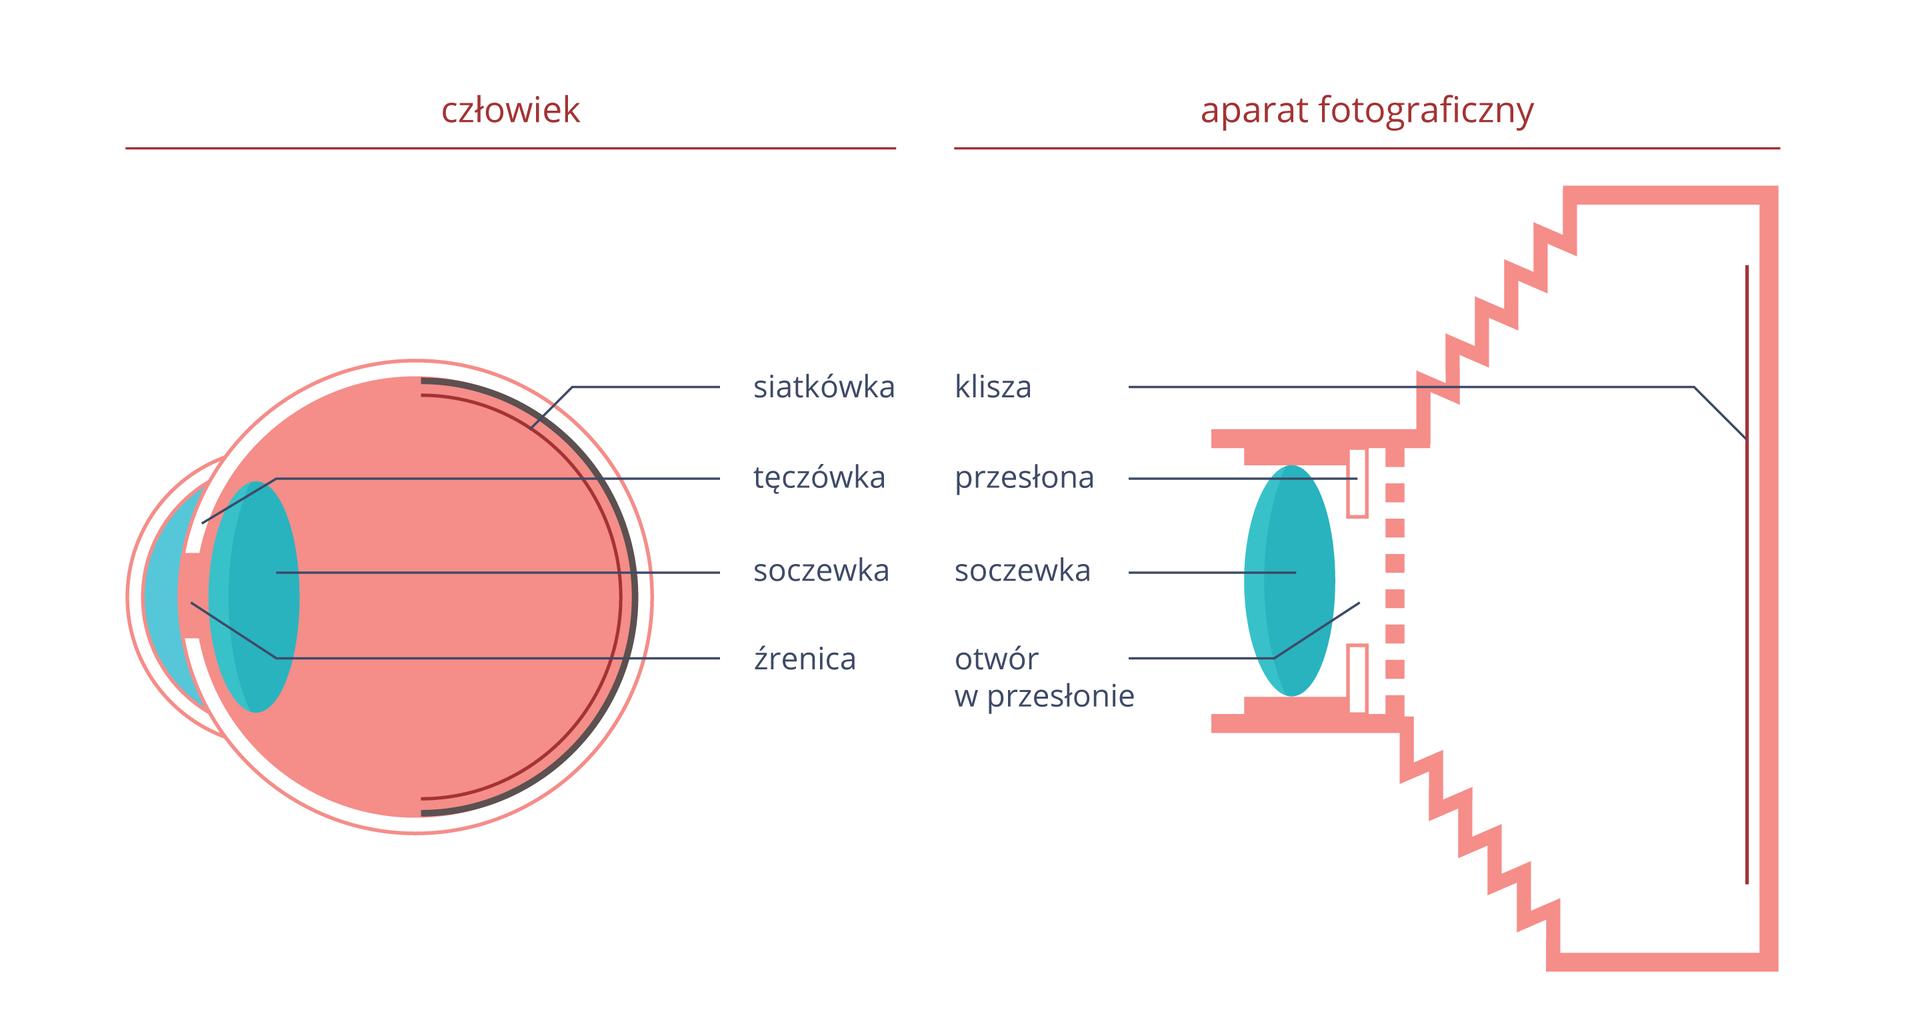 Ilustracja prezentująca porównanie elementów oka iaparatu fotograficznego. Po lewej stronie przekrój gałki ocznej, po prawej przekrój aparatu fotograficznego. Odpowiadające sobie elementy, to: siatkówka- klisza, tęczówka-przesłona, soczewka-soczewka, źrenica-otwór wprzesłonie.